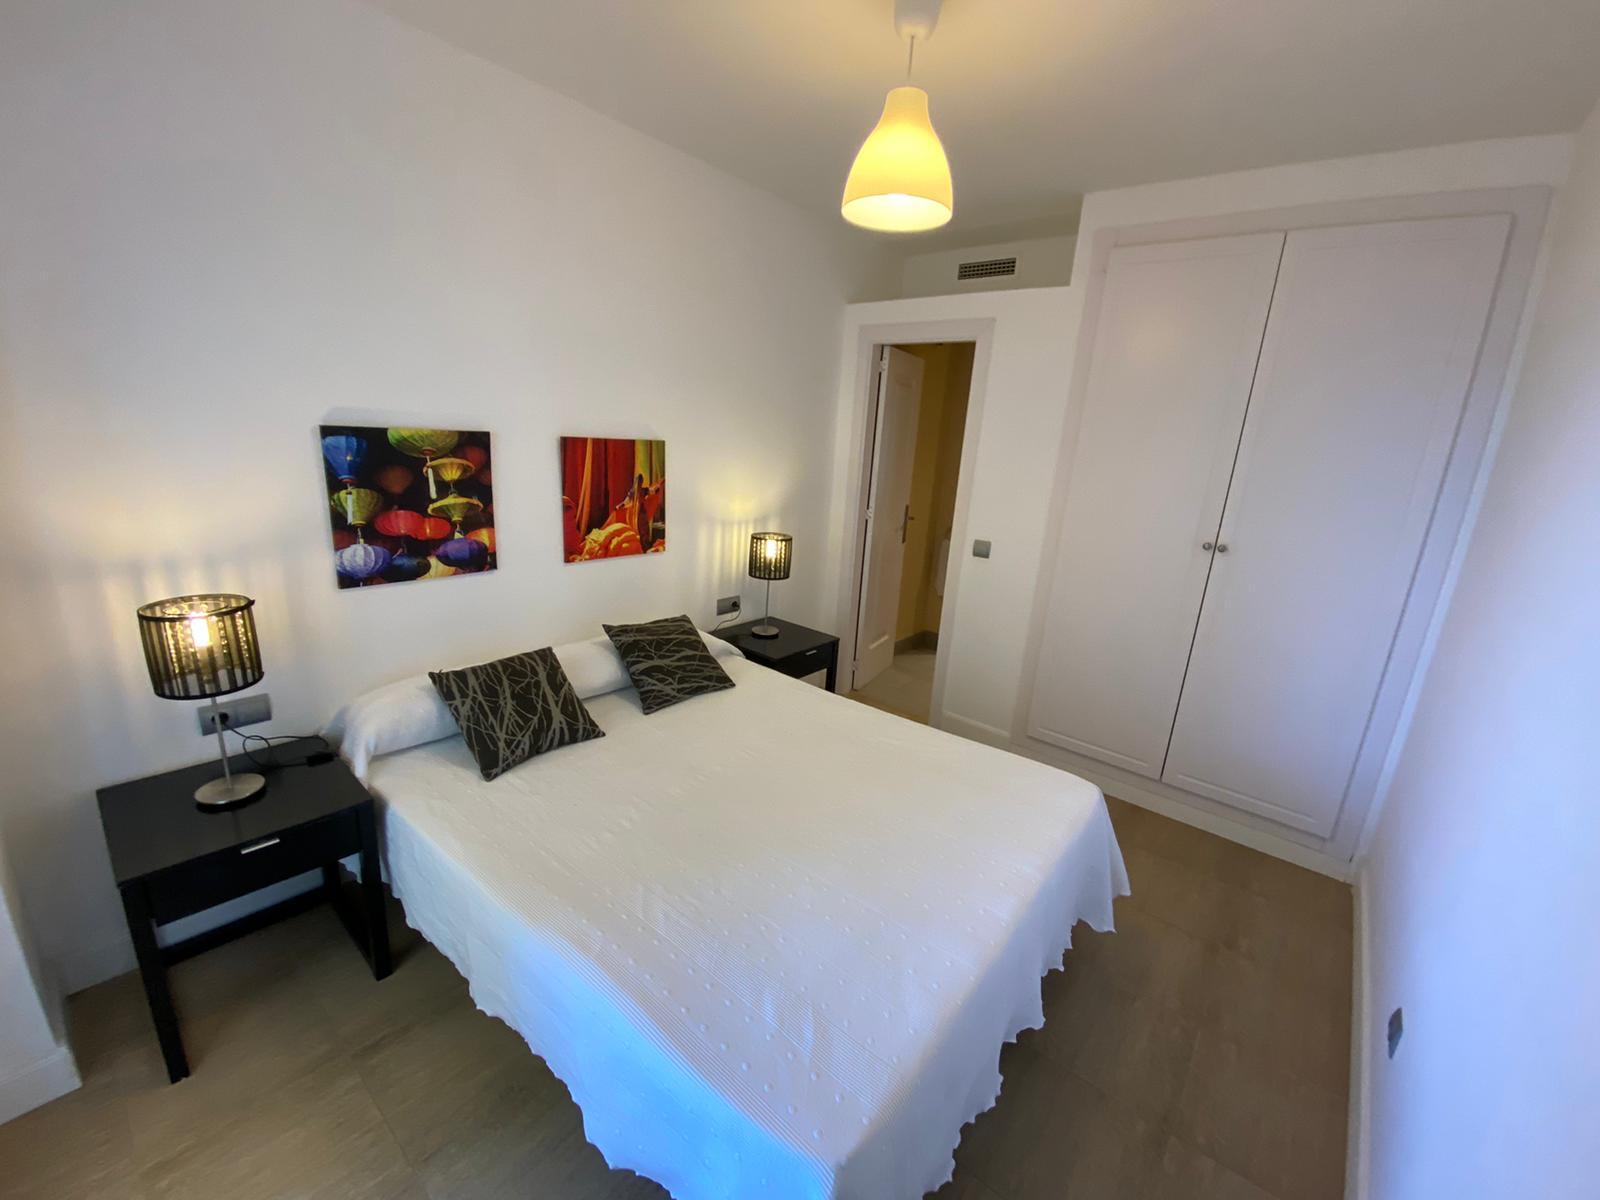 Imagen 13 del Apartamento Turístico, Ático 8 Poniente (3d+2b), Punta del Moral (HUELVA), Paseo de la Cruz nº22